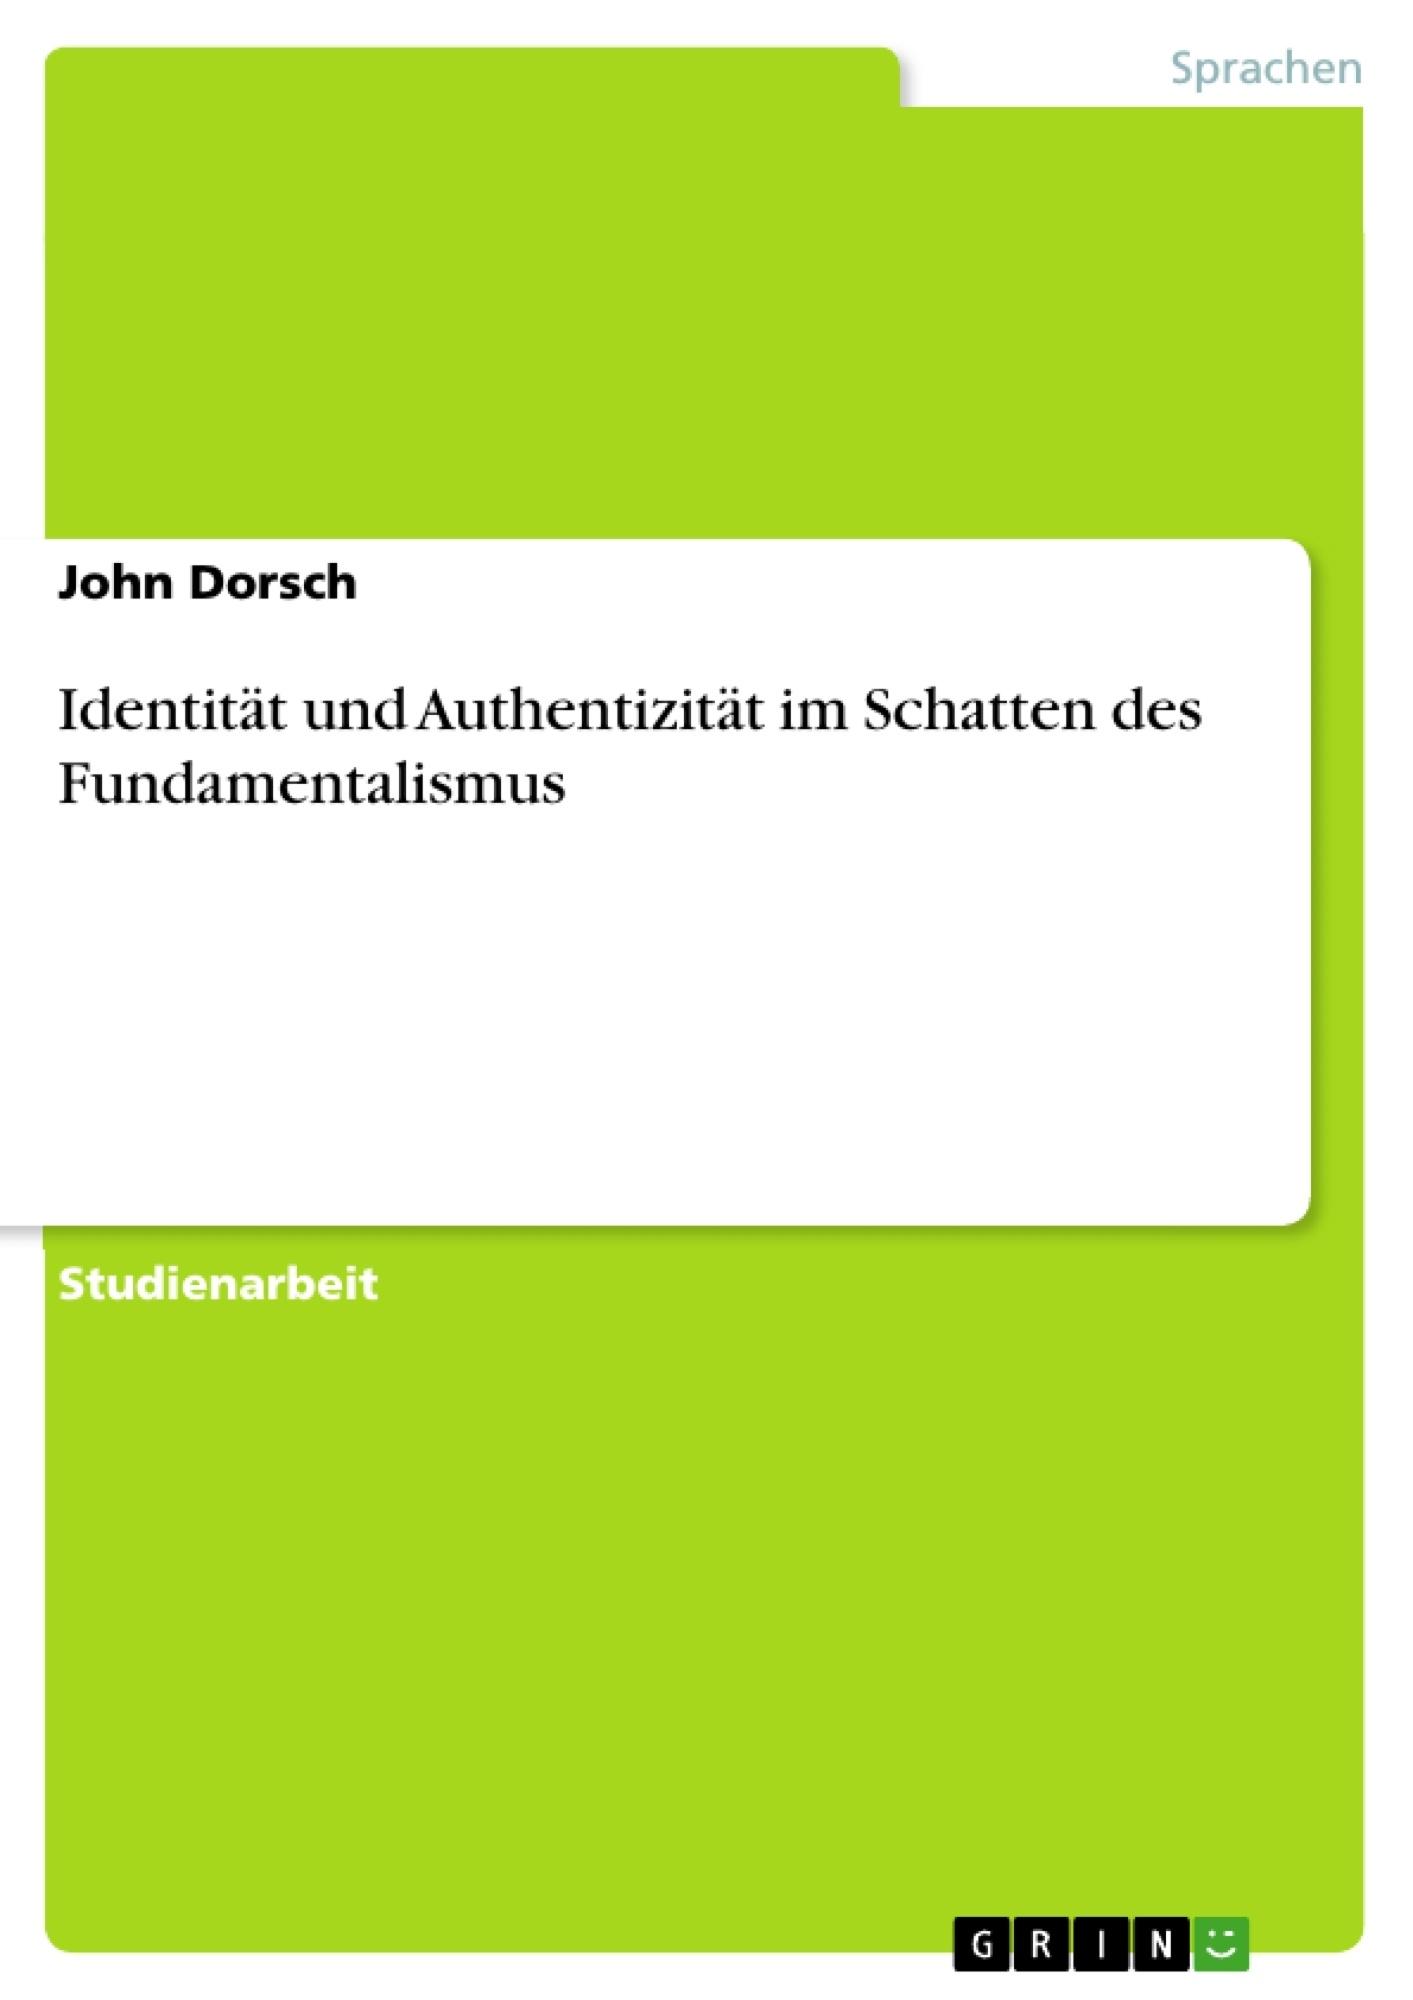 Titel: Identität und Authentizität im Schatten des Fundamentalismus